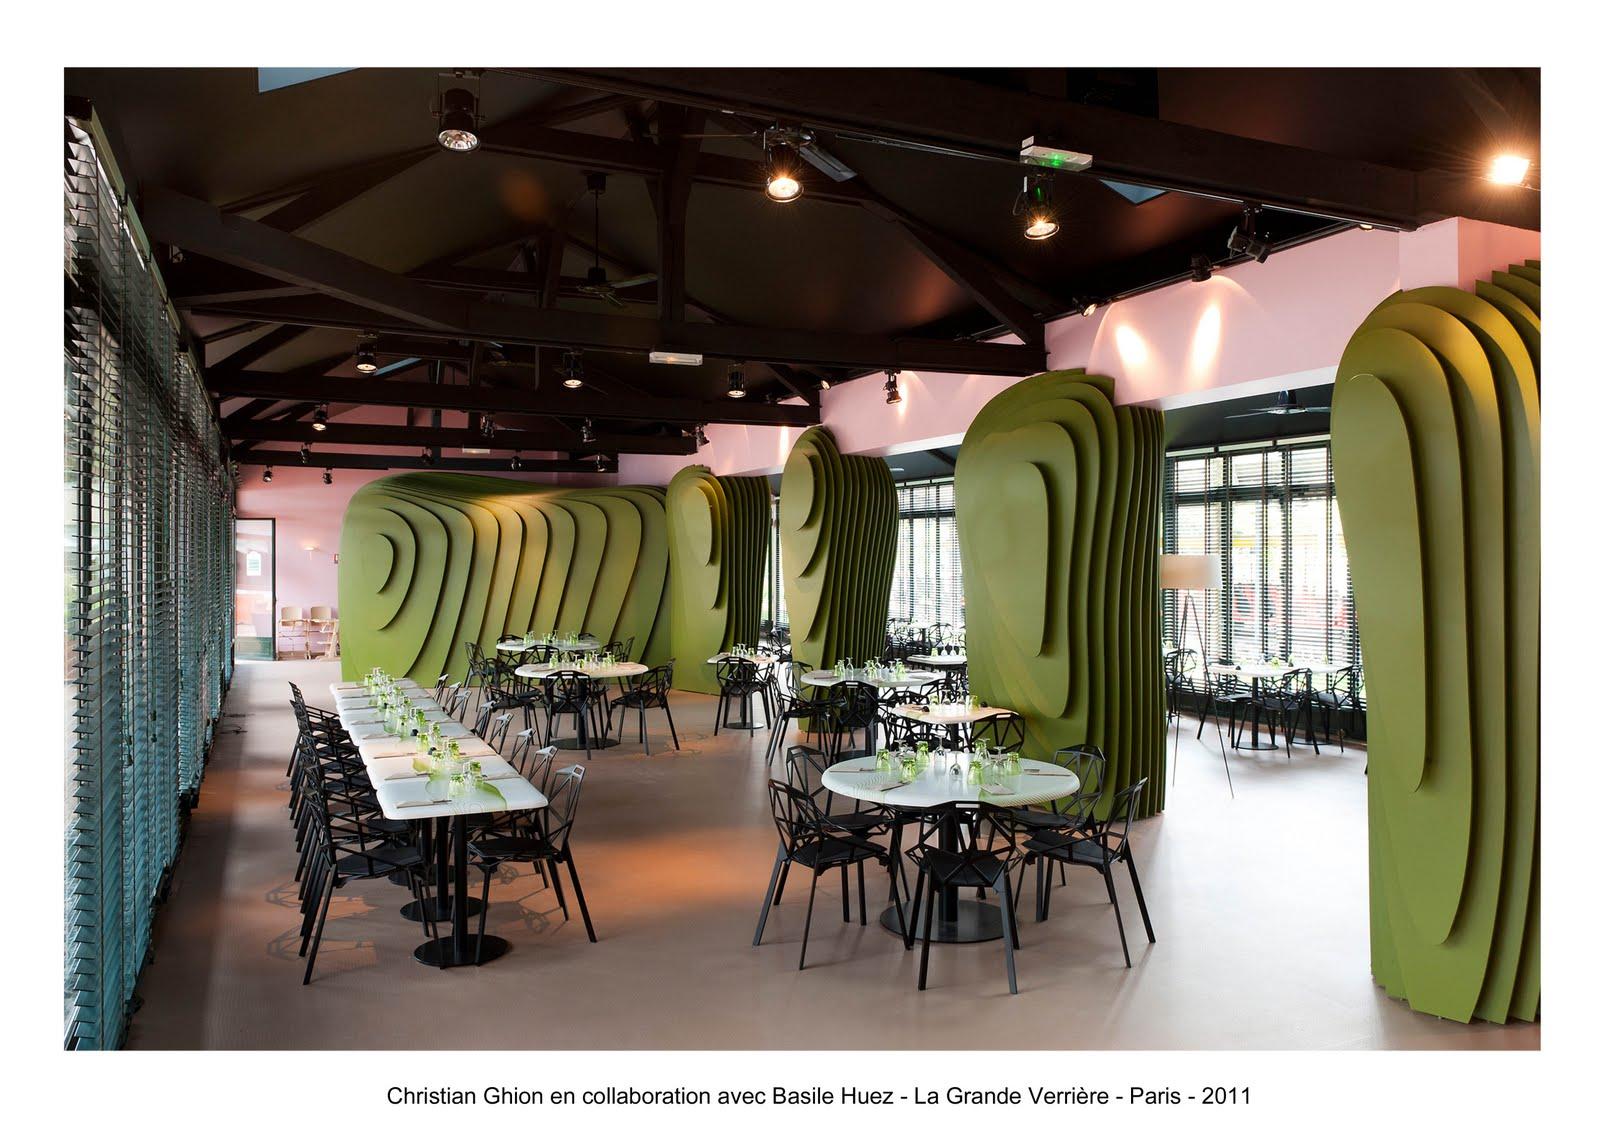 Basile huez design collaborations restaurant la - La grande verriere jardin d acclimatation ...